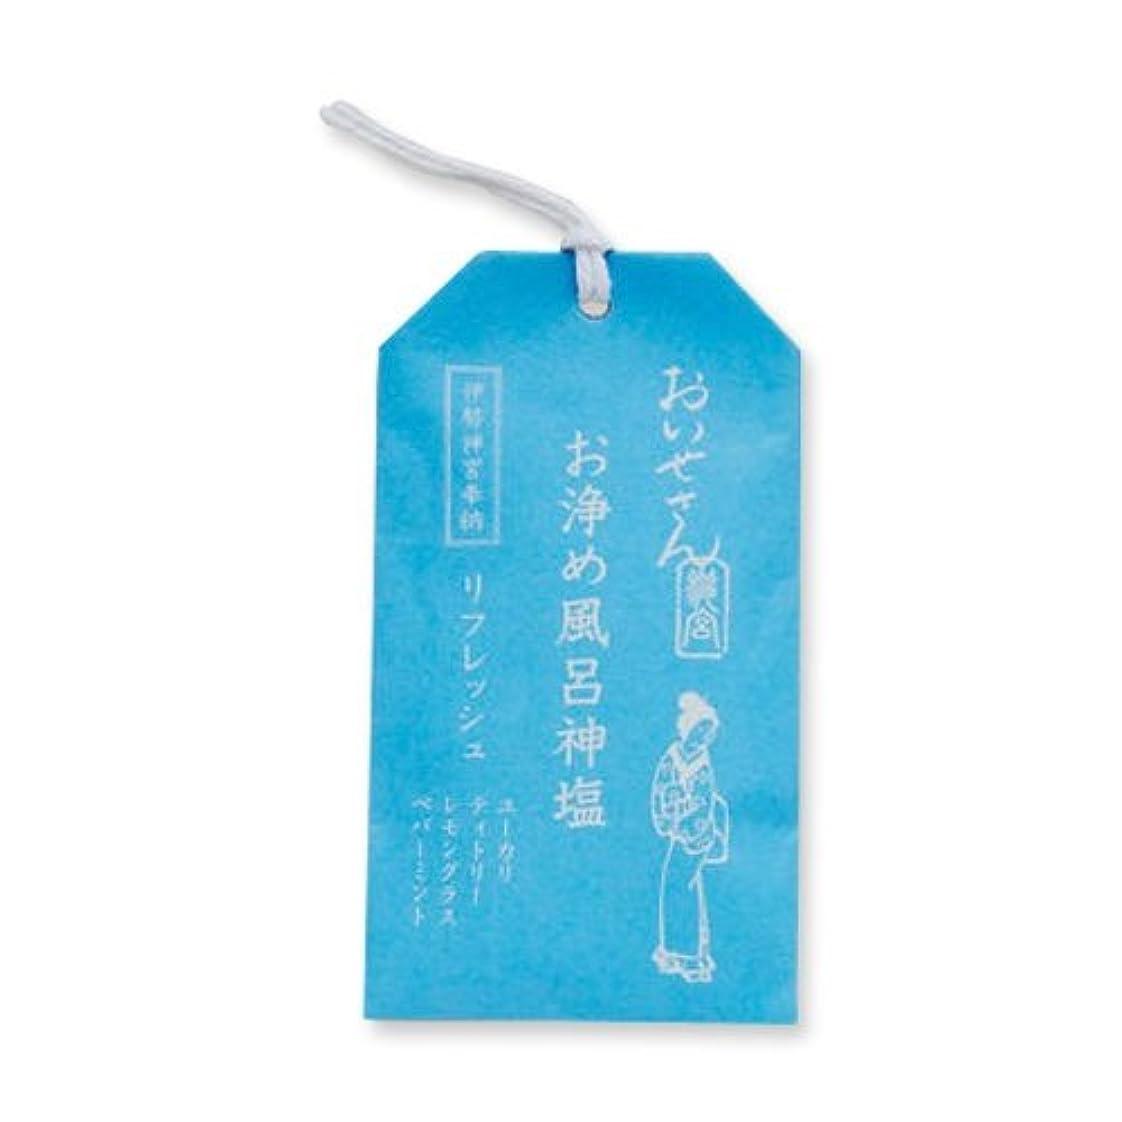 ぴったり不健康復讐おいせさん お浄め風呂神塩 バス用ソルト(リフレッシュ) 20g